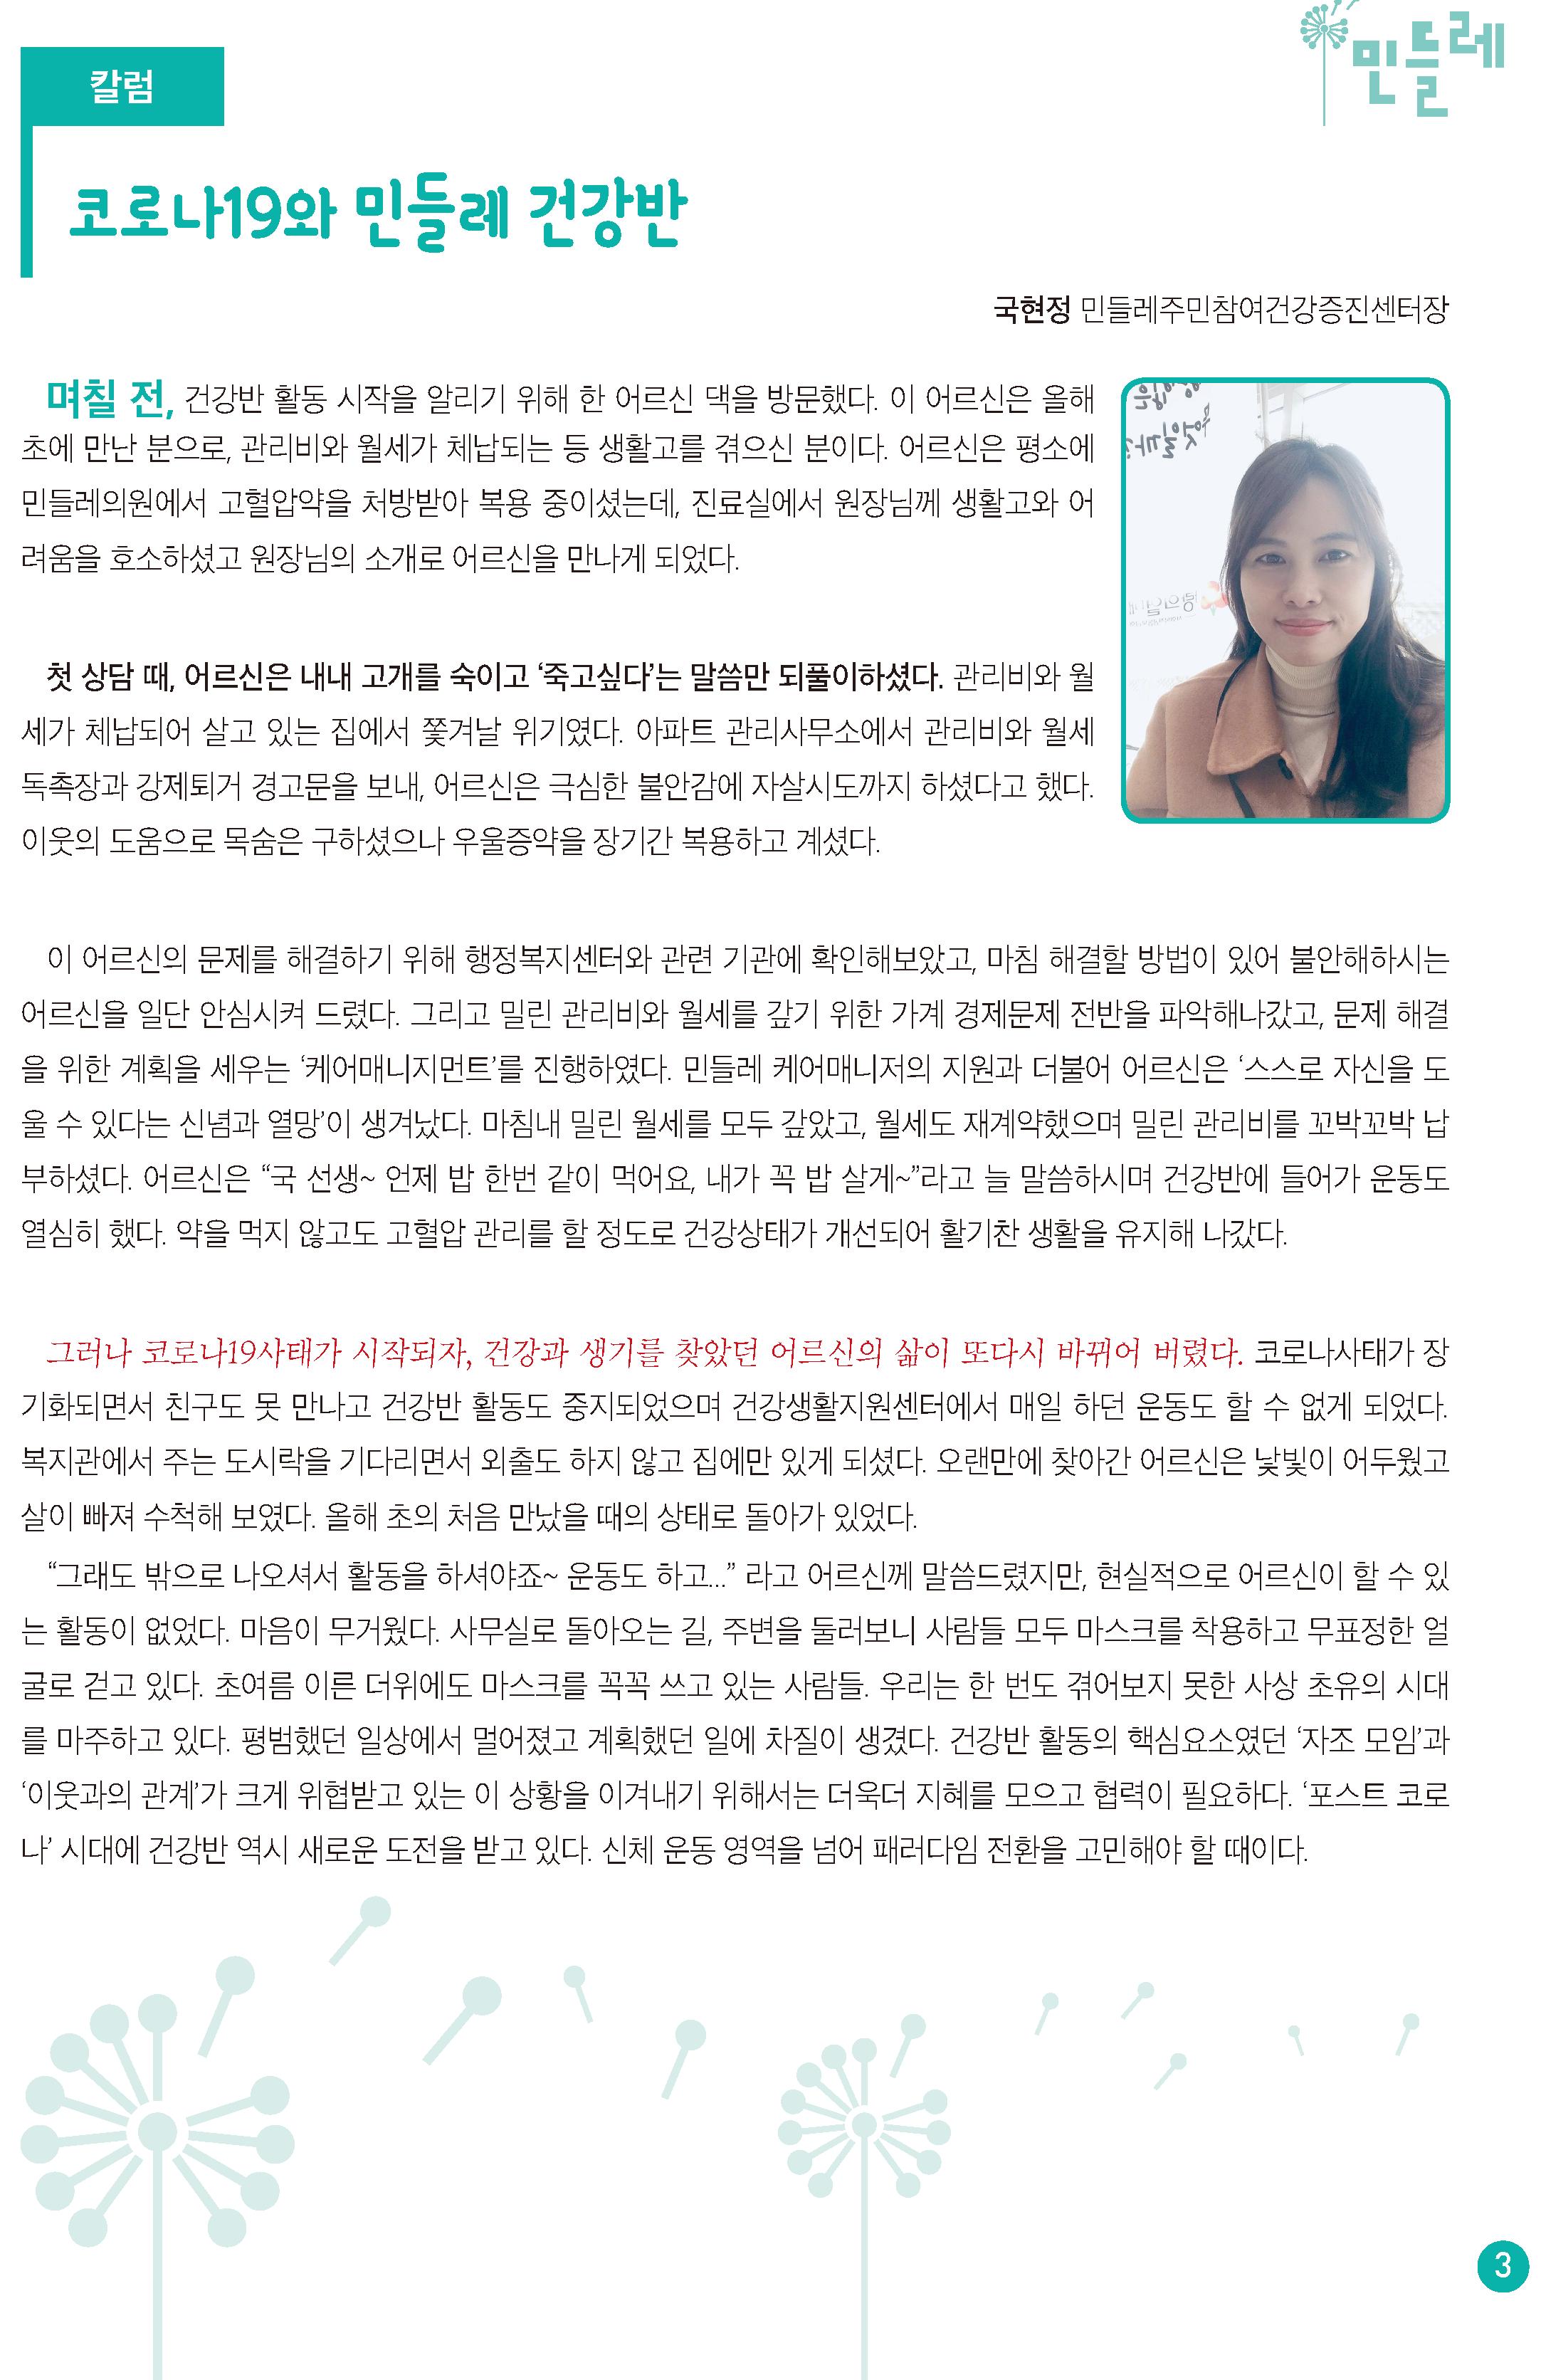 민들레 소식지8월호 시안(최종)-3.png